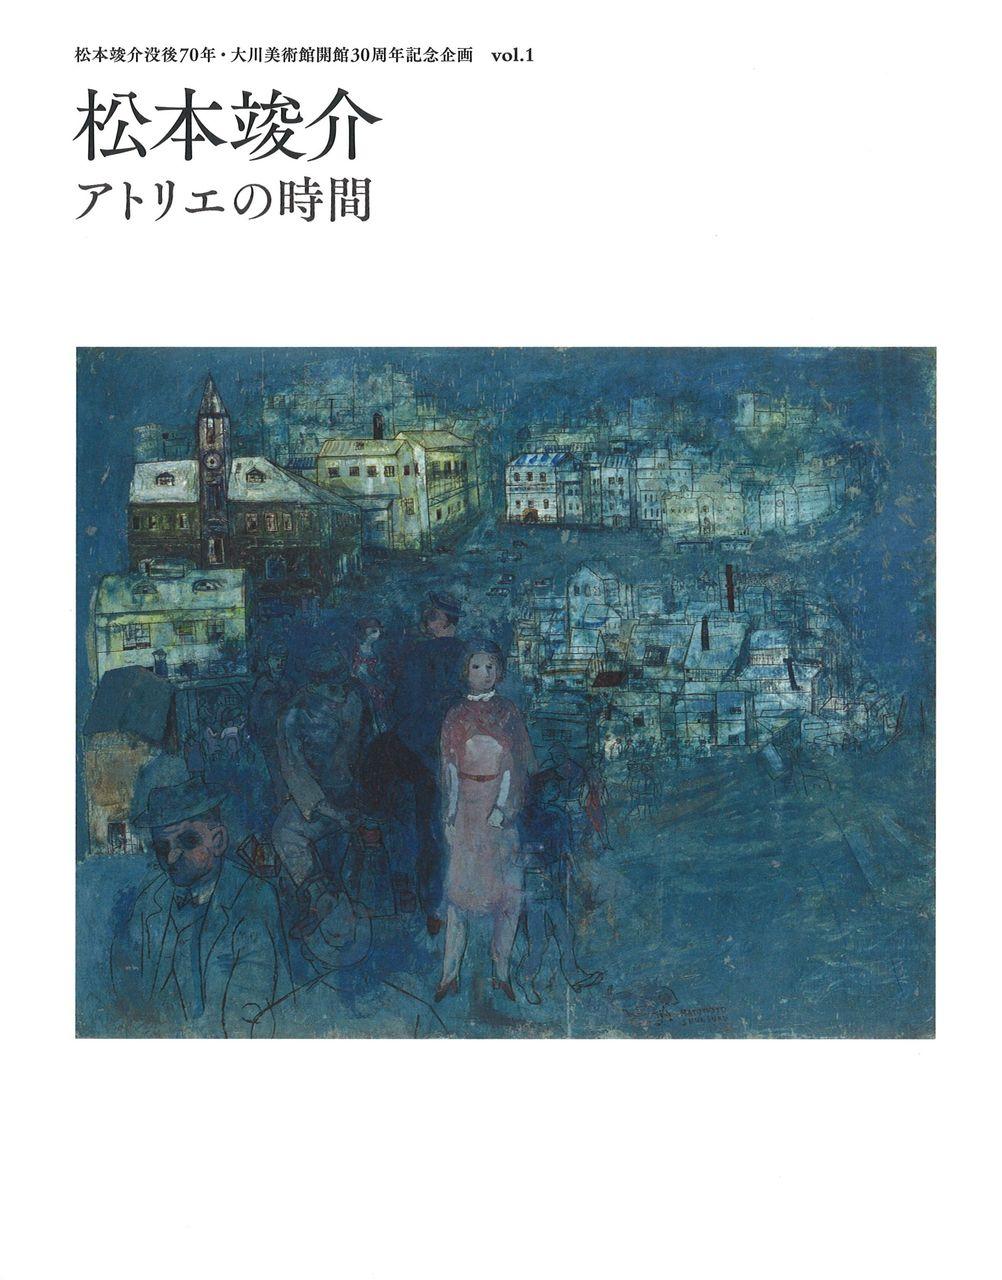 大川美術館竣介展図録vol1